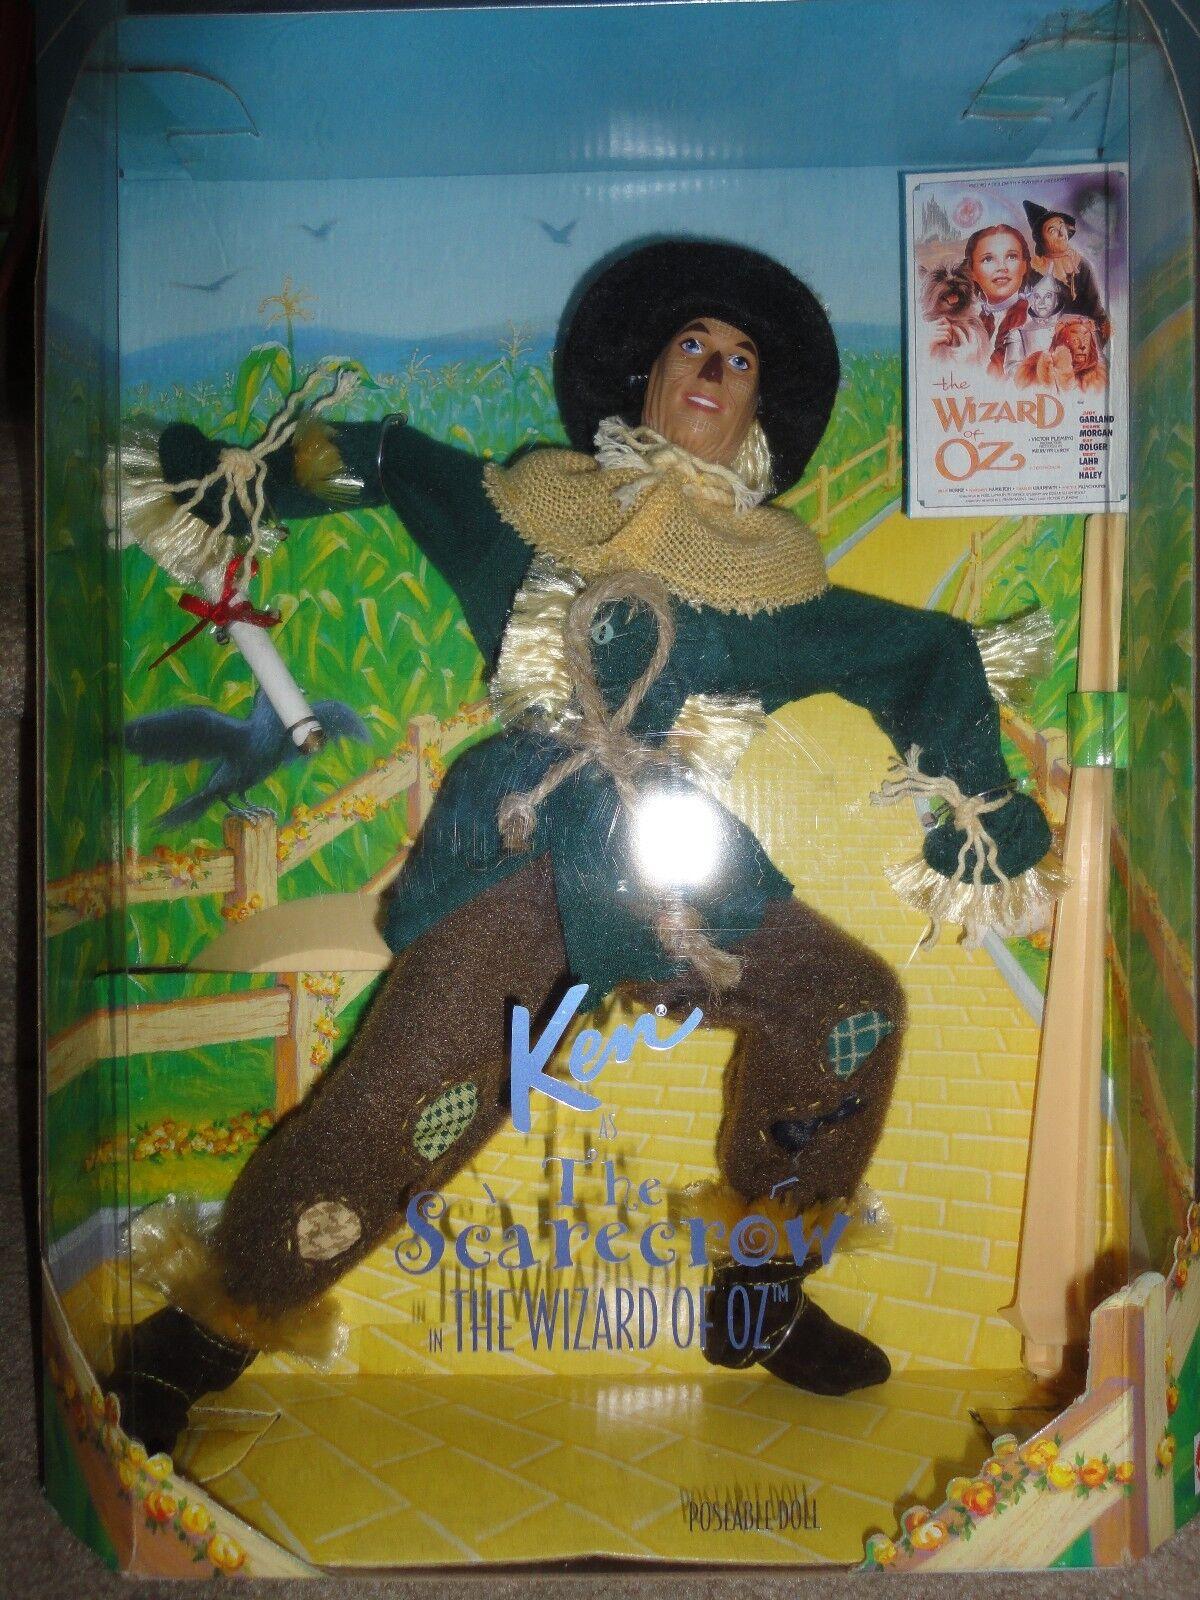 Hollywood Legends Mago De Oz Espantapájaros Muñeca Barbie nunca quitado de la caja en caja como nuevo